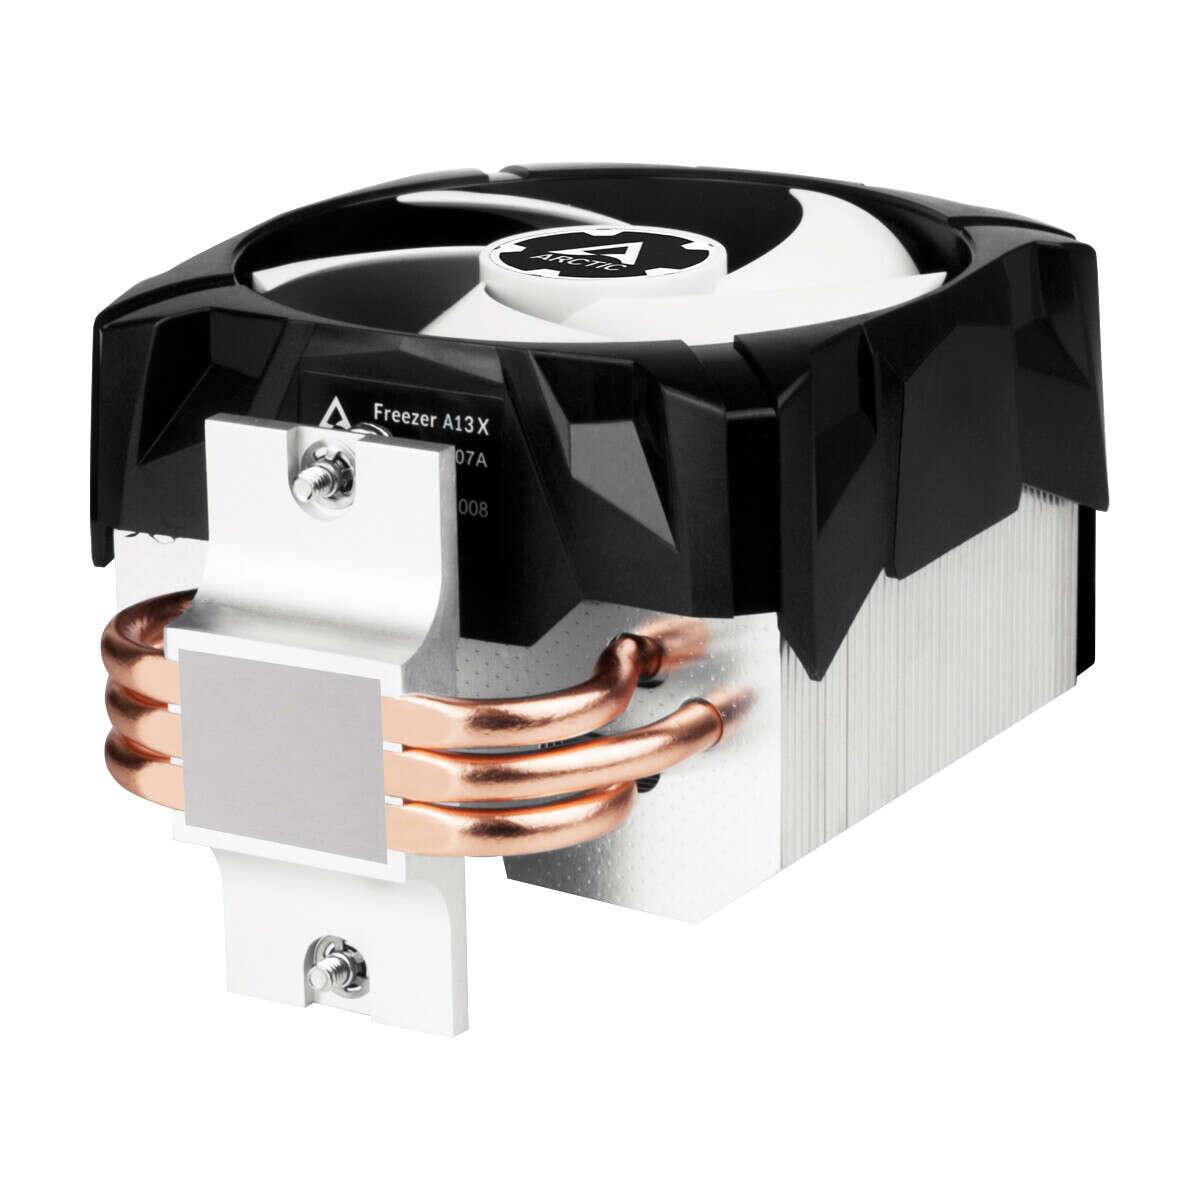 arctic Freezer 13 X, chłodzenie Freezer 13 X, cena Freezer 13 X